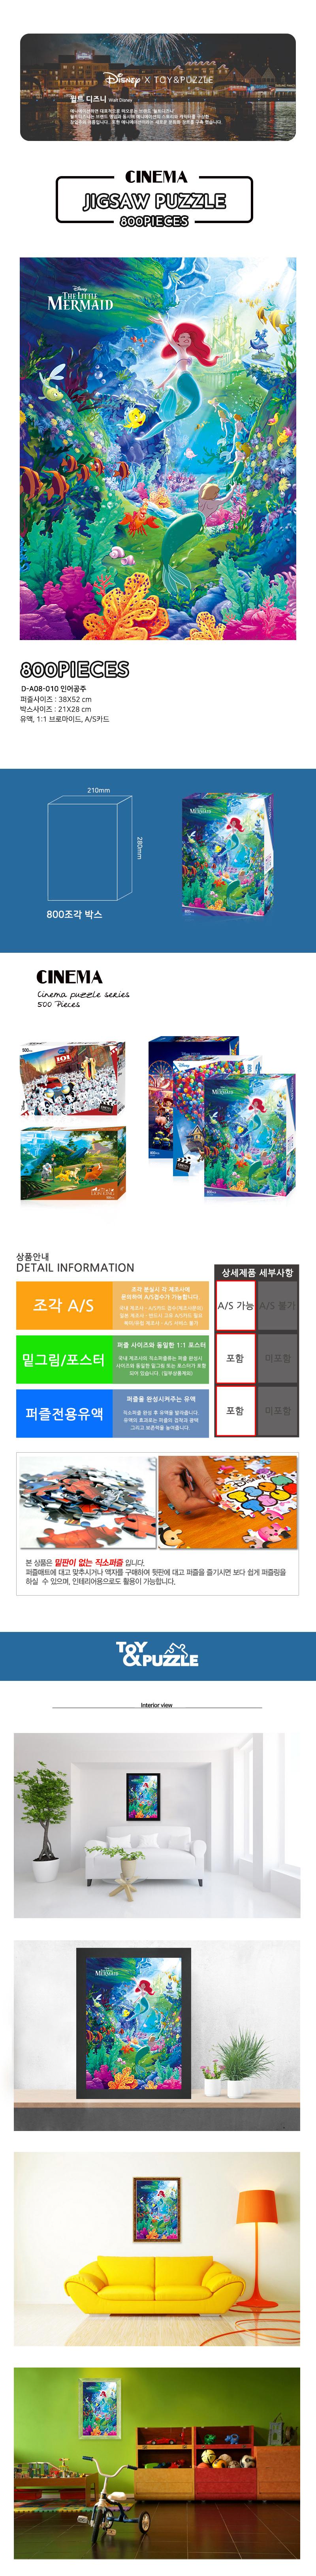 직소퍼즐 800피스 인어공주 D-A08-010 - 퍼즐카페, 15,300원, 조각/퍼즐, 캐릭터 직소퍼즐